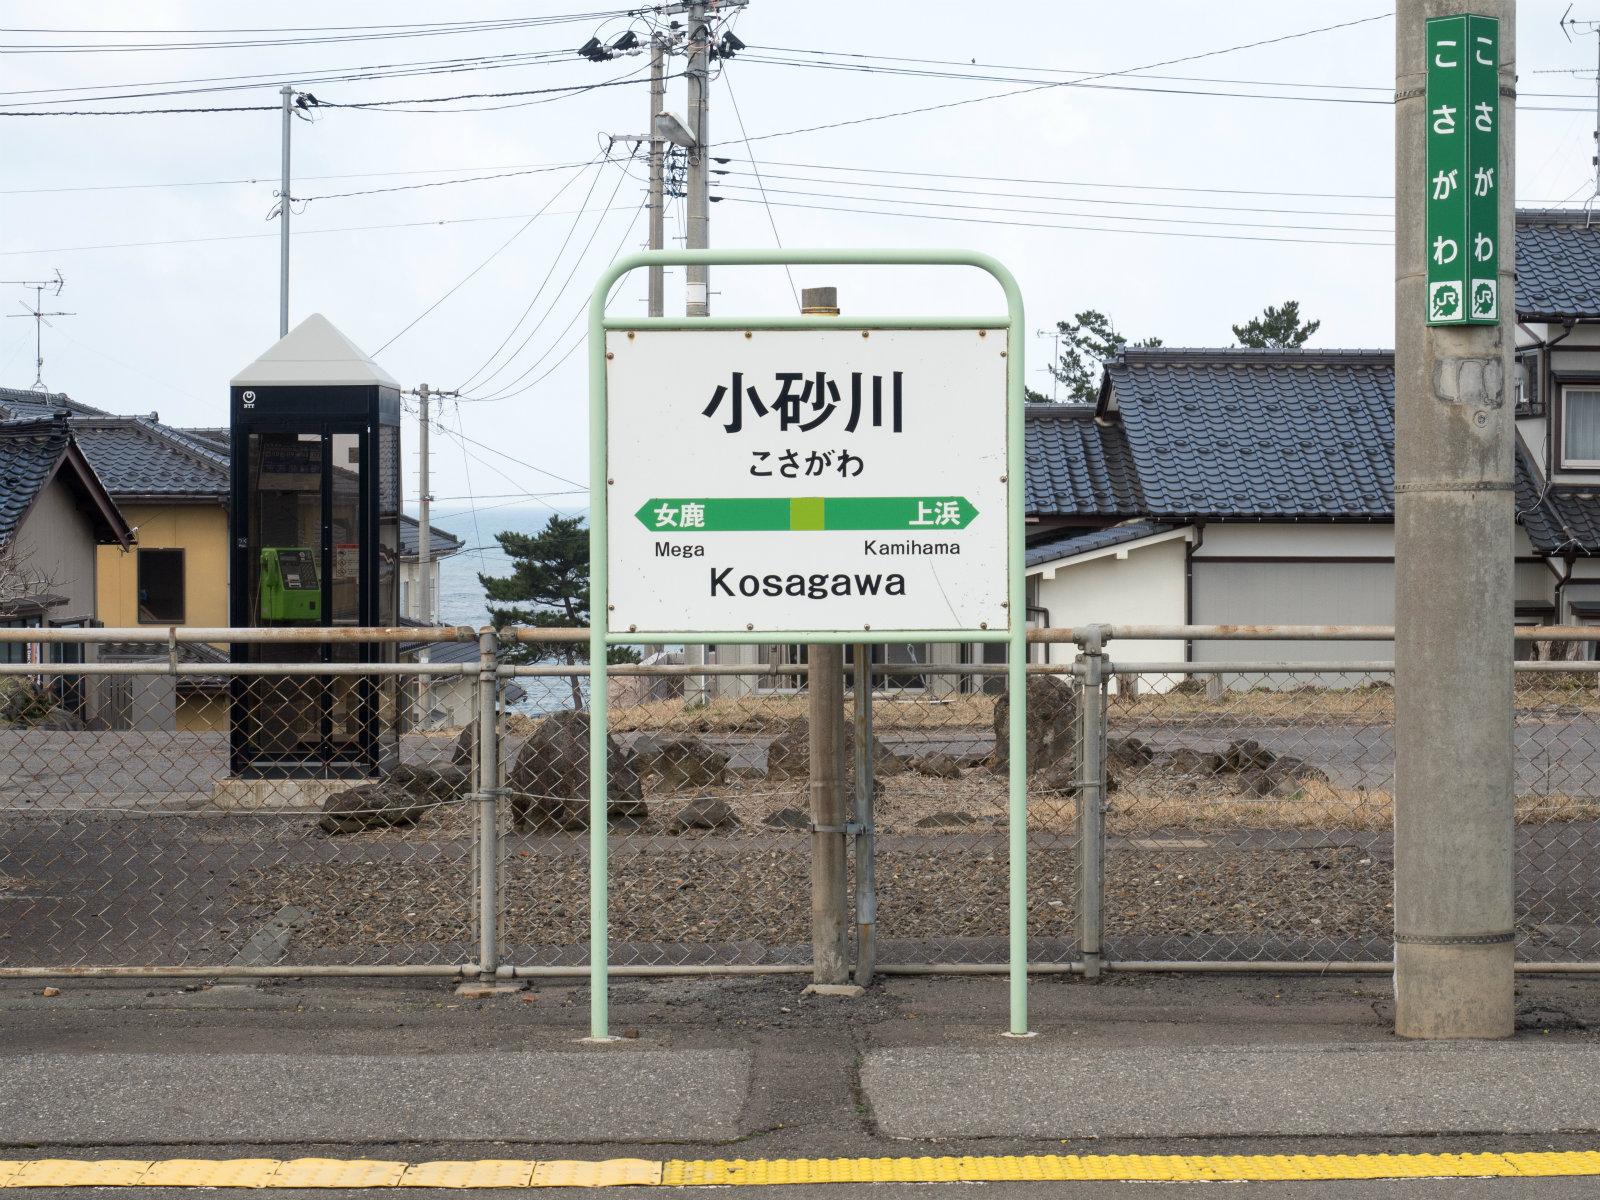 ホームからは集落越しに日本海が見えました。